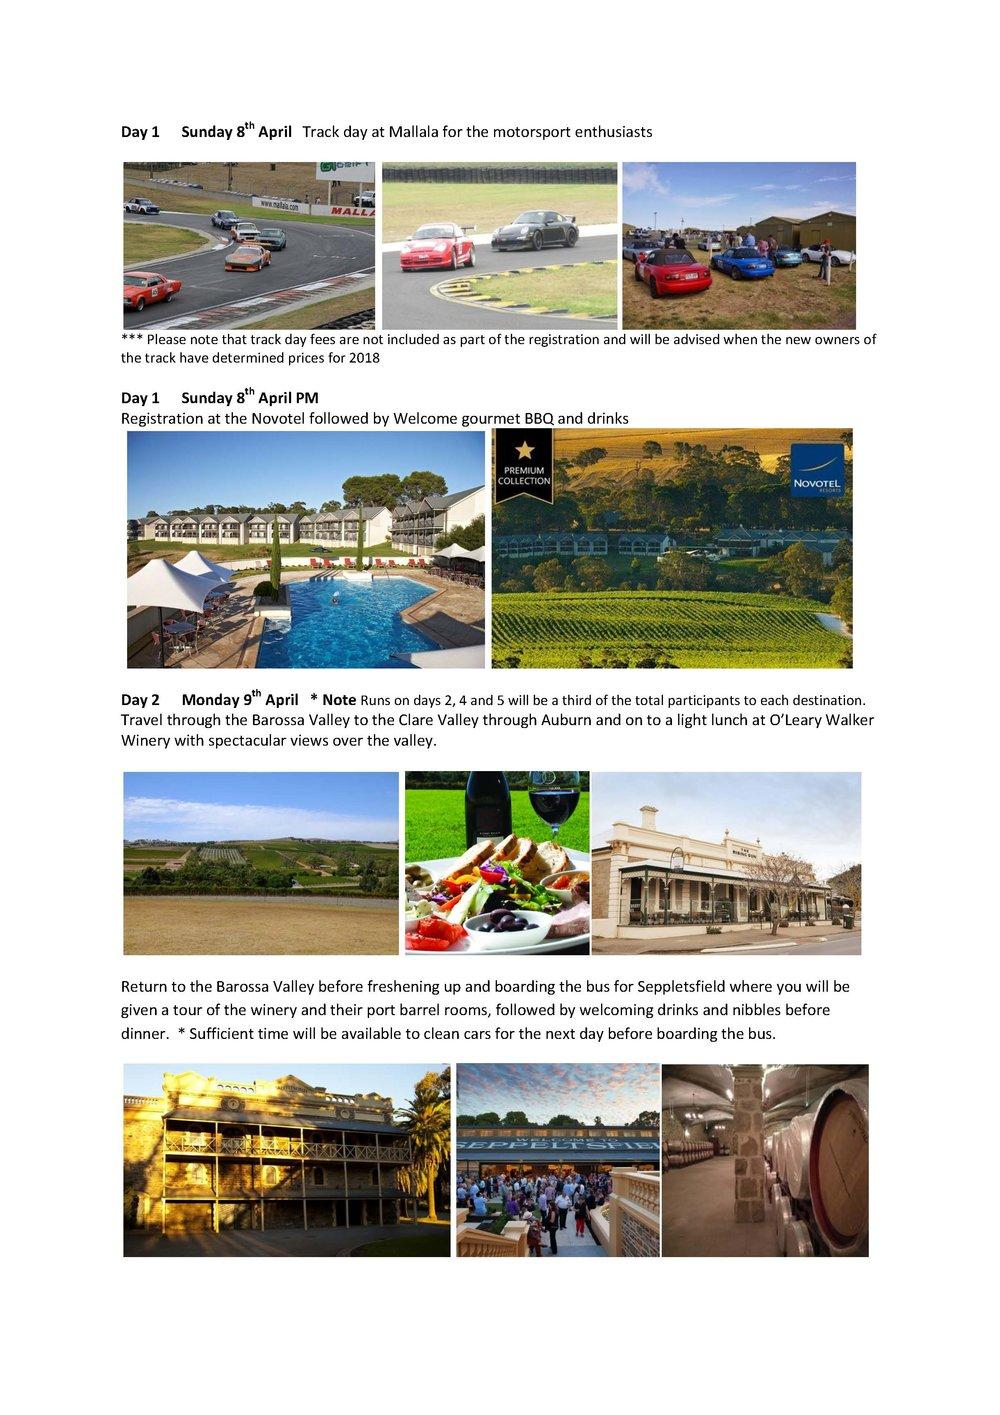 Natmeet 2018 Update July 2017_Page_2.jpg